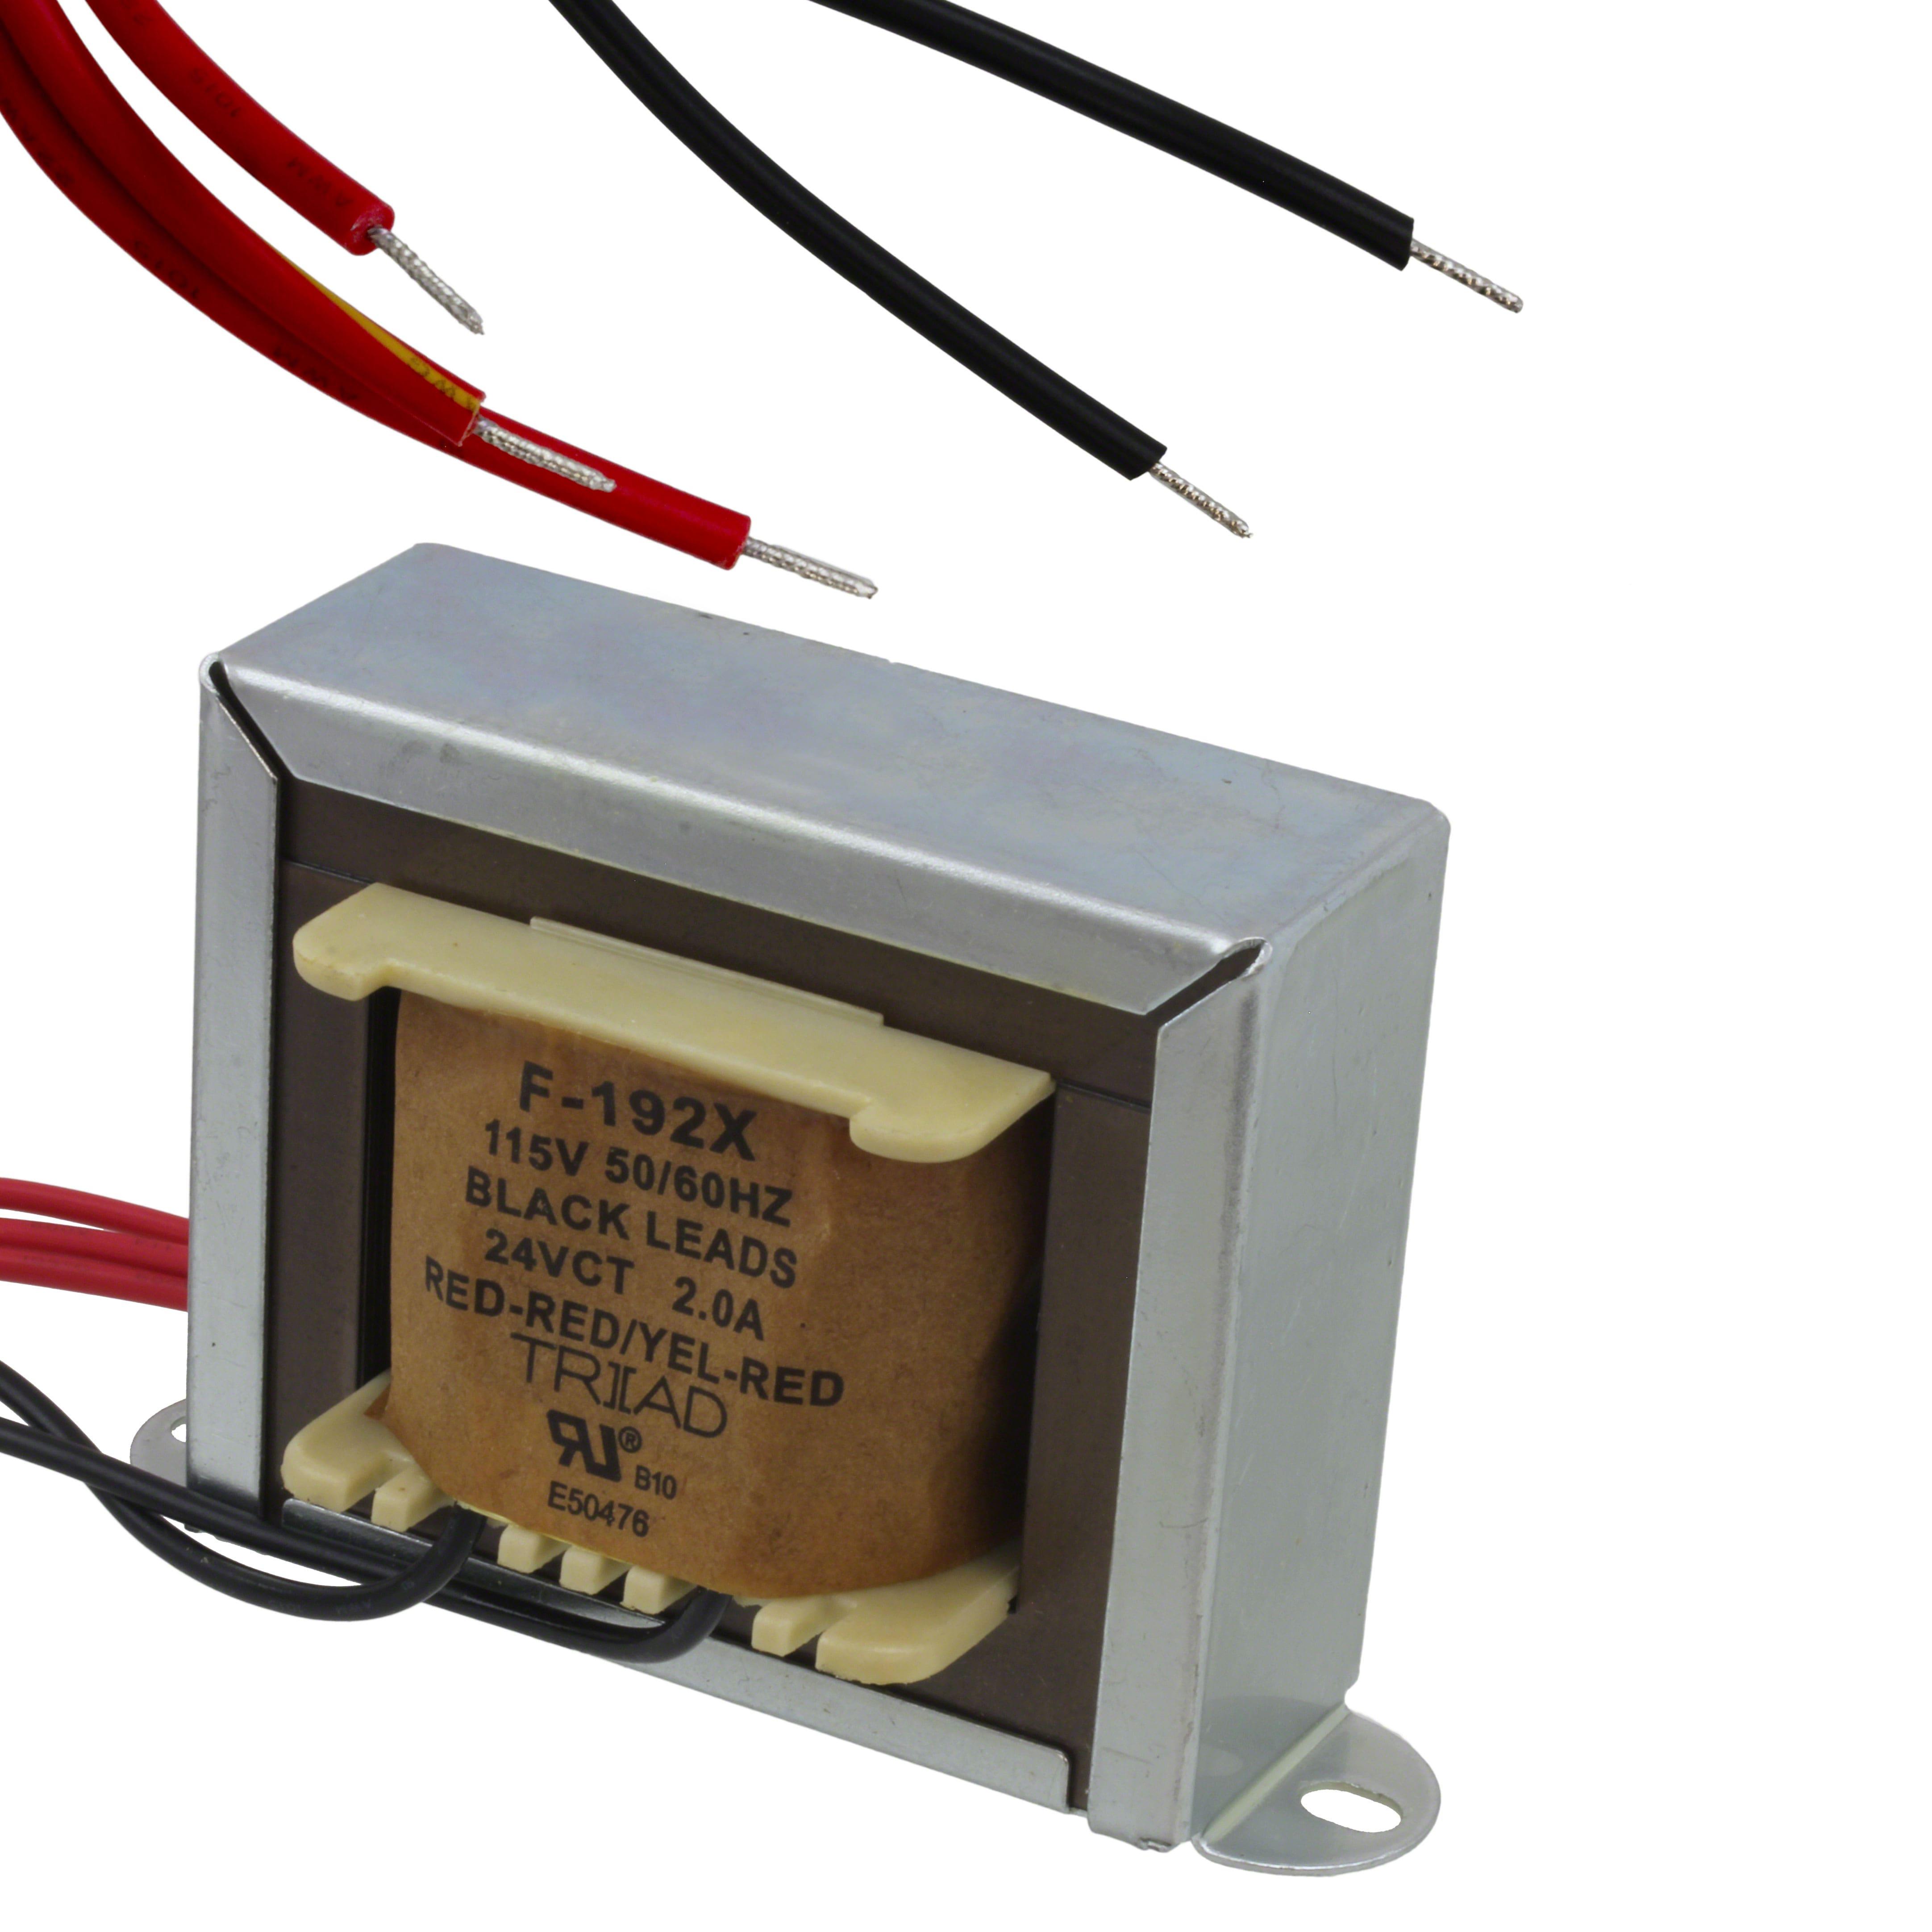 F-192X_电源变压器